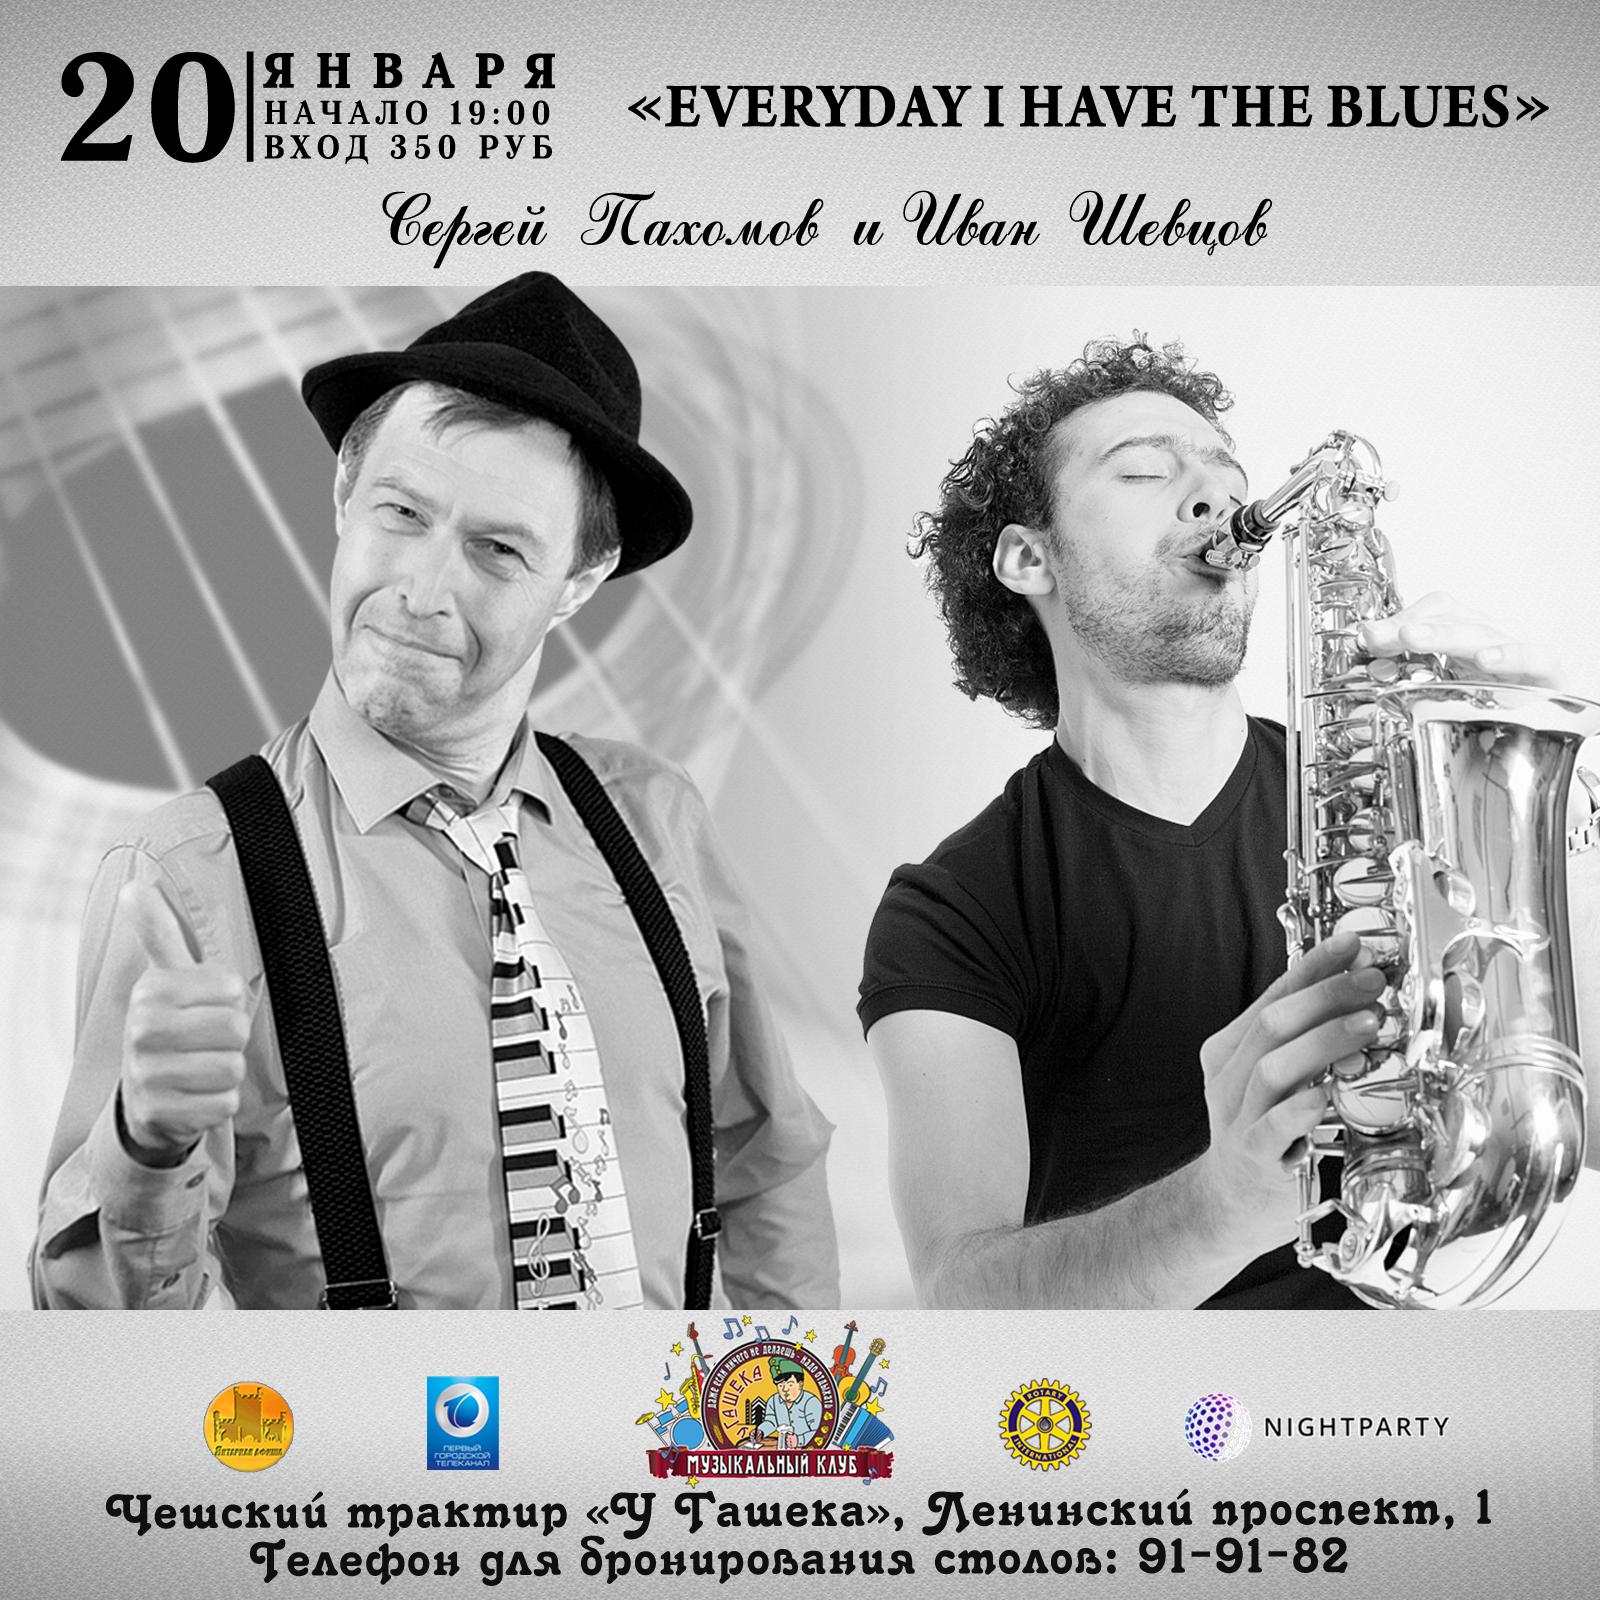 Сергей Пахомов и Иван Шевцов «Everyday I Have The Blues»